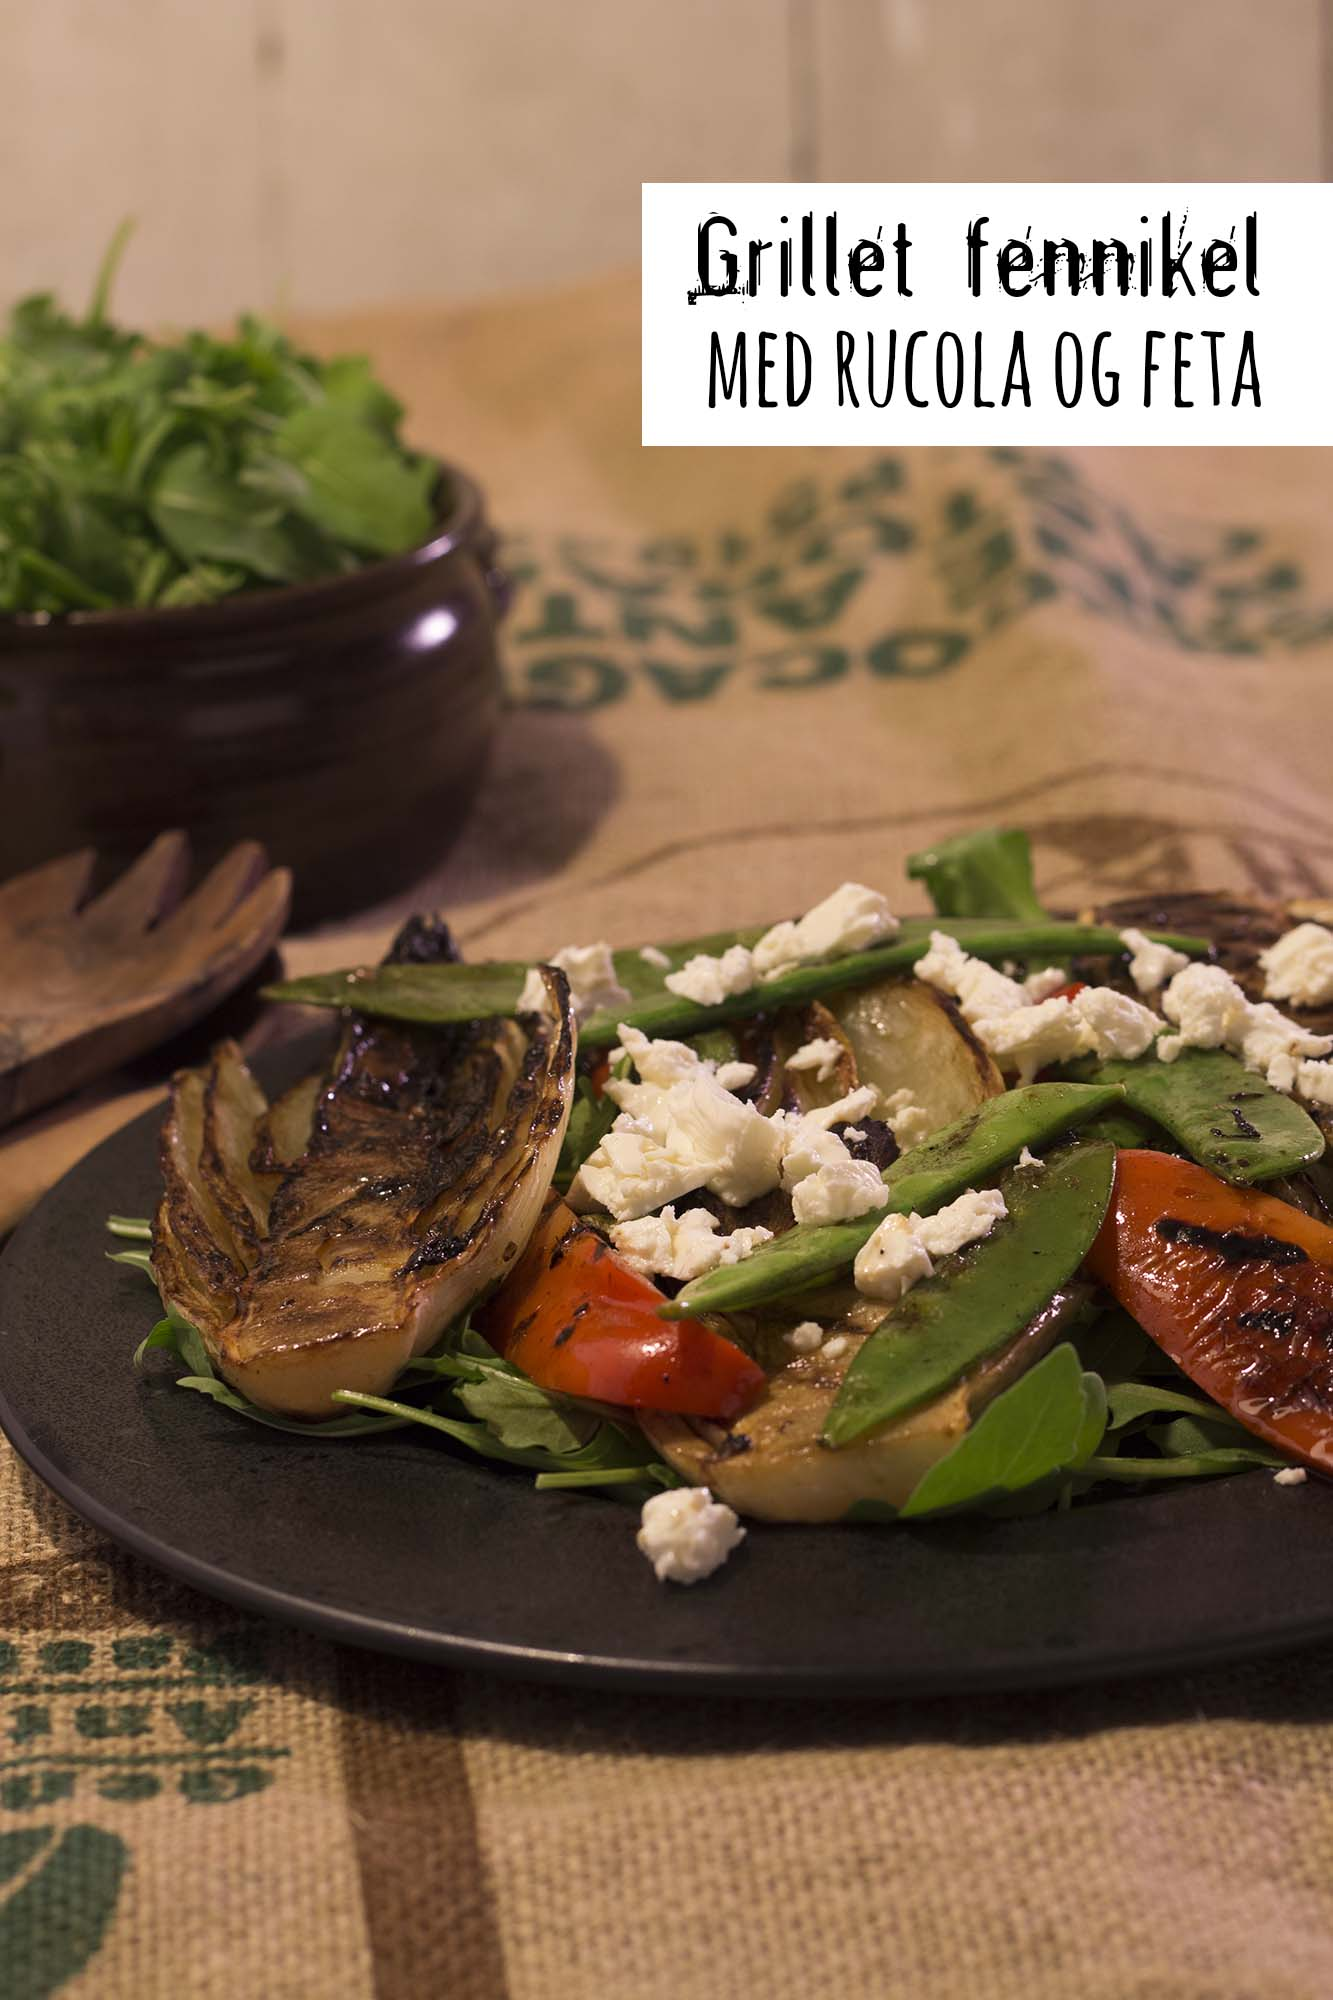 Grillet fennikel med ruccola og feta